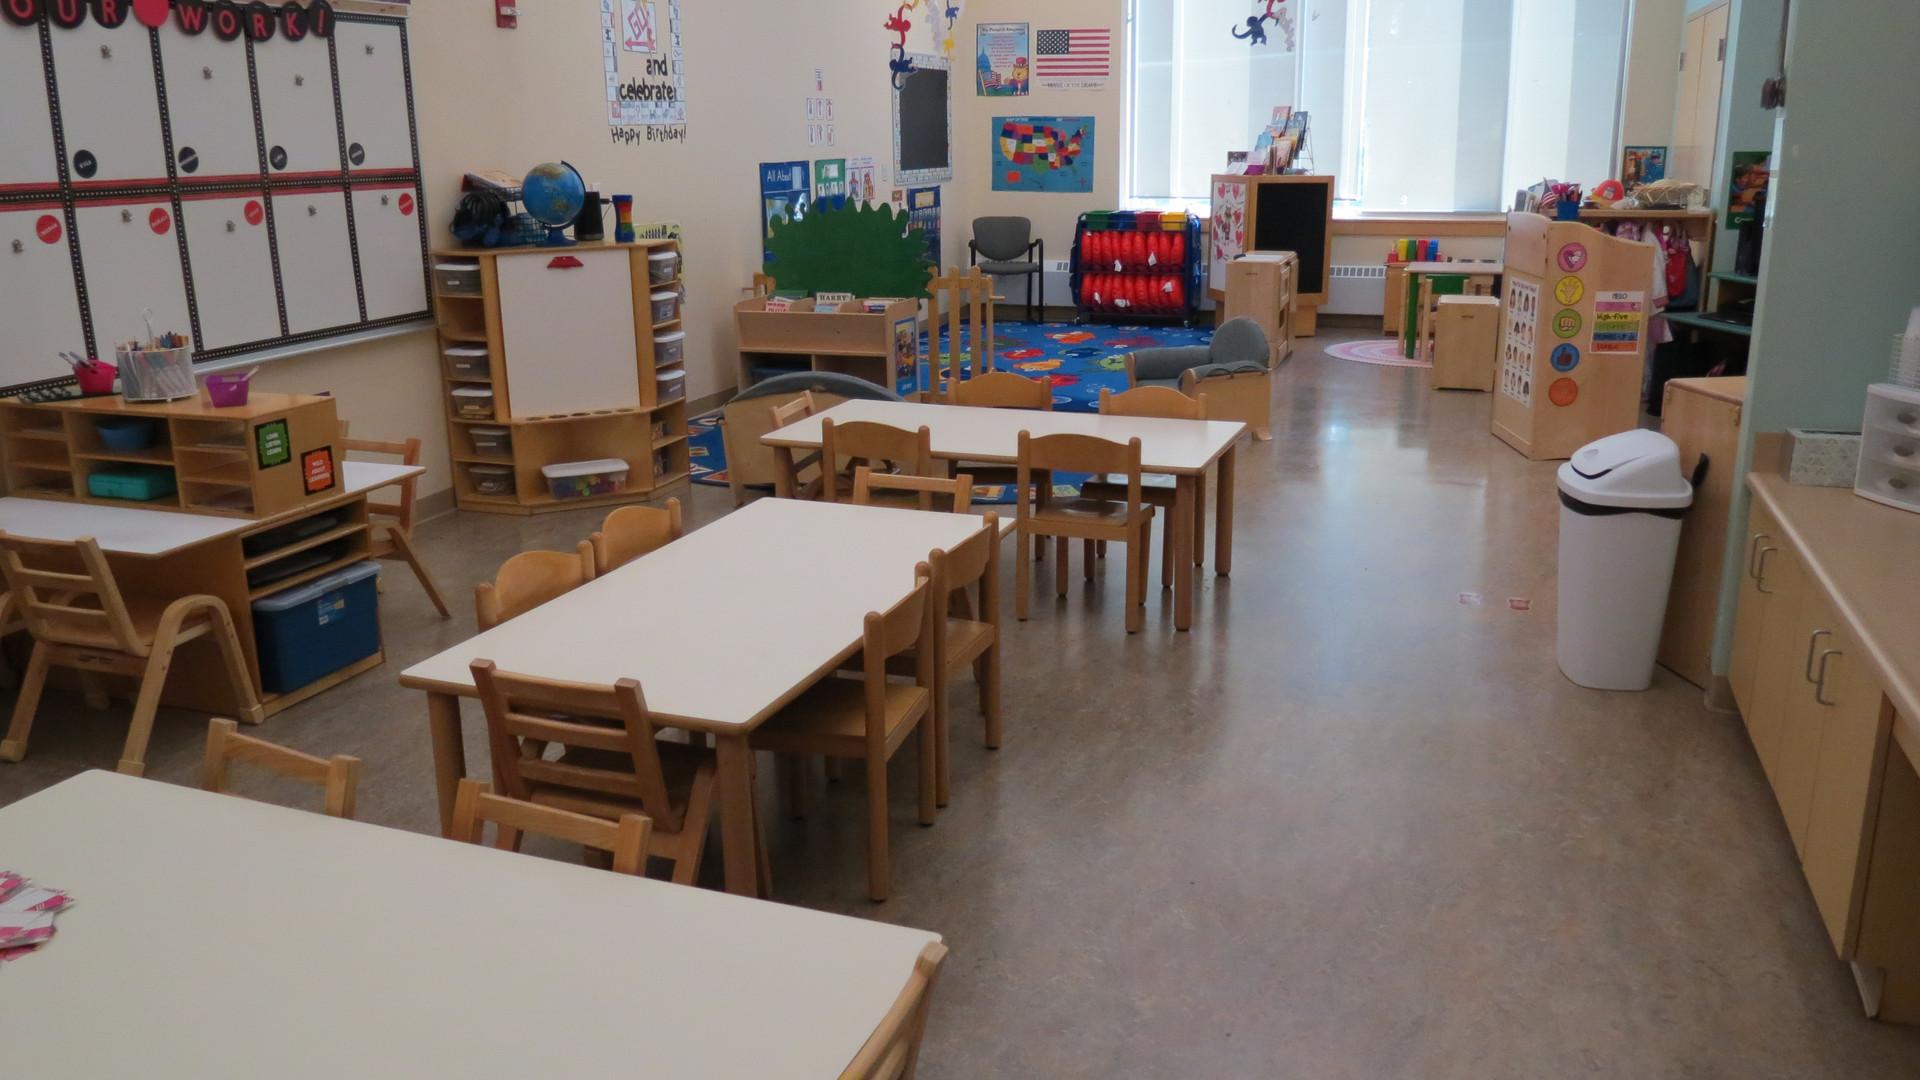 Preschool2Room_1.jpg